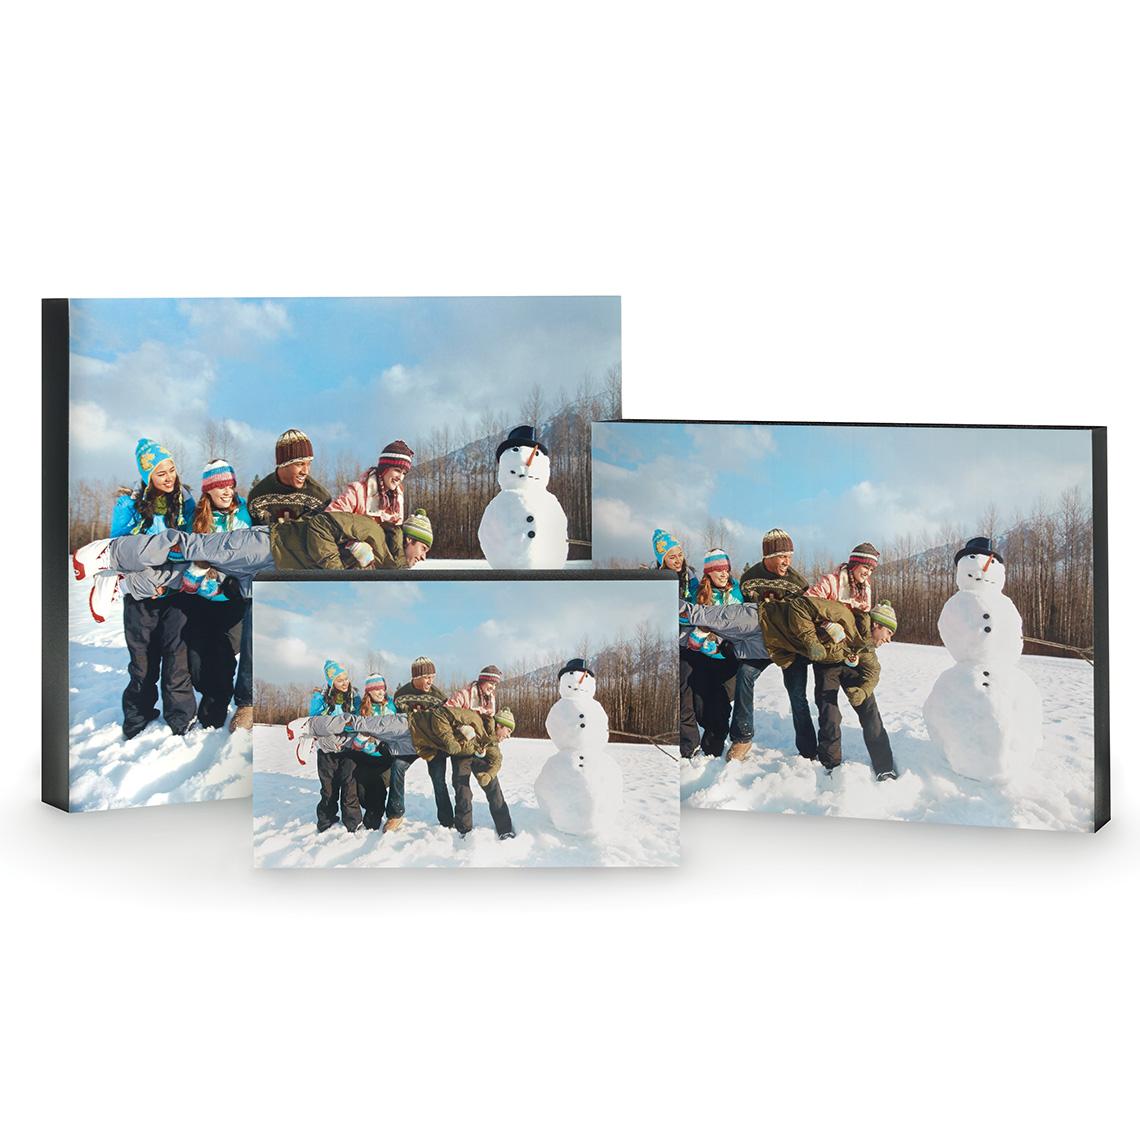 Mounted Photo Panel